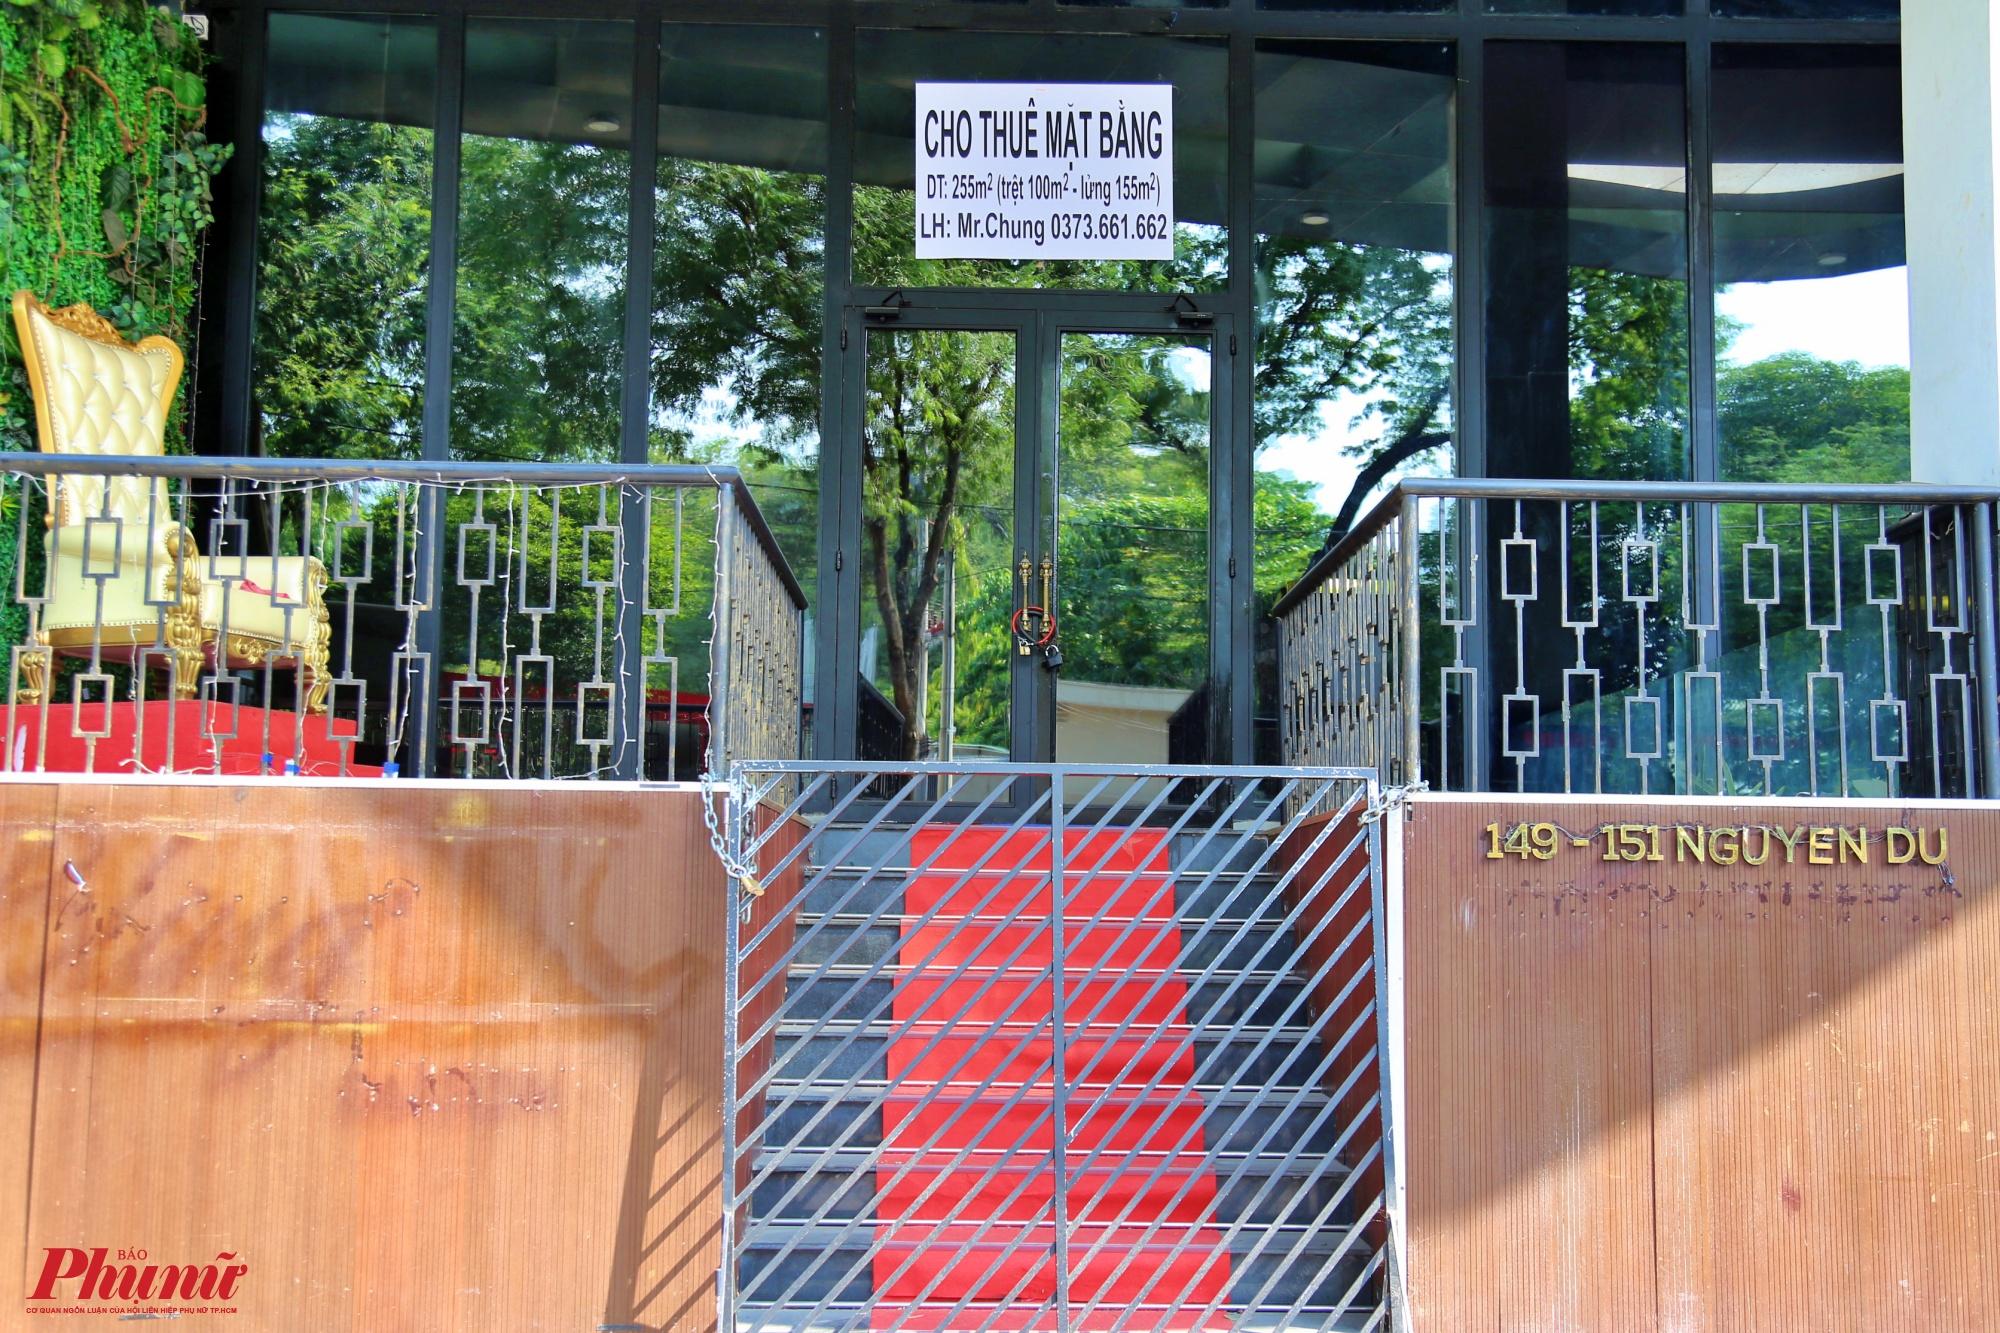 Một tòa nhà trên đường Nguyễn Du cũng dán bảng cho thuê mặt bằng, giá cho thuê dao động trên cả nghìn đô